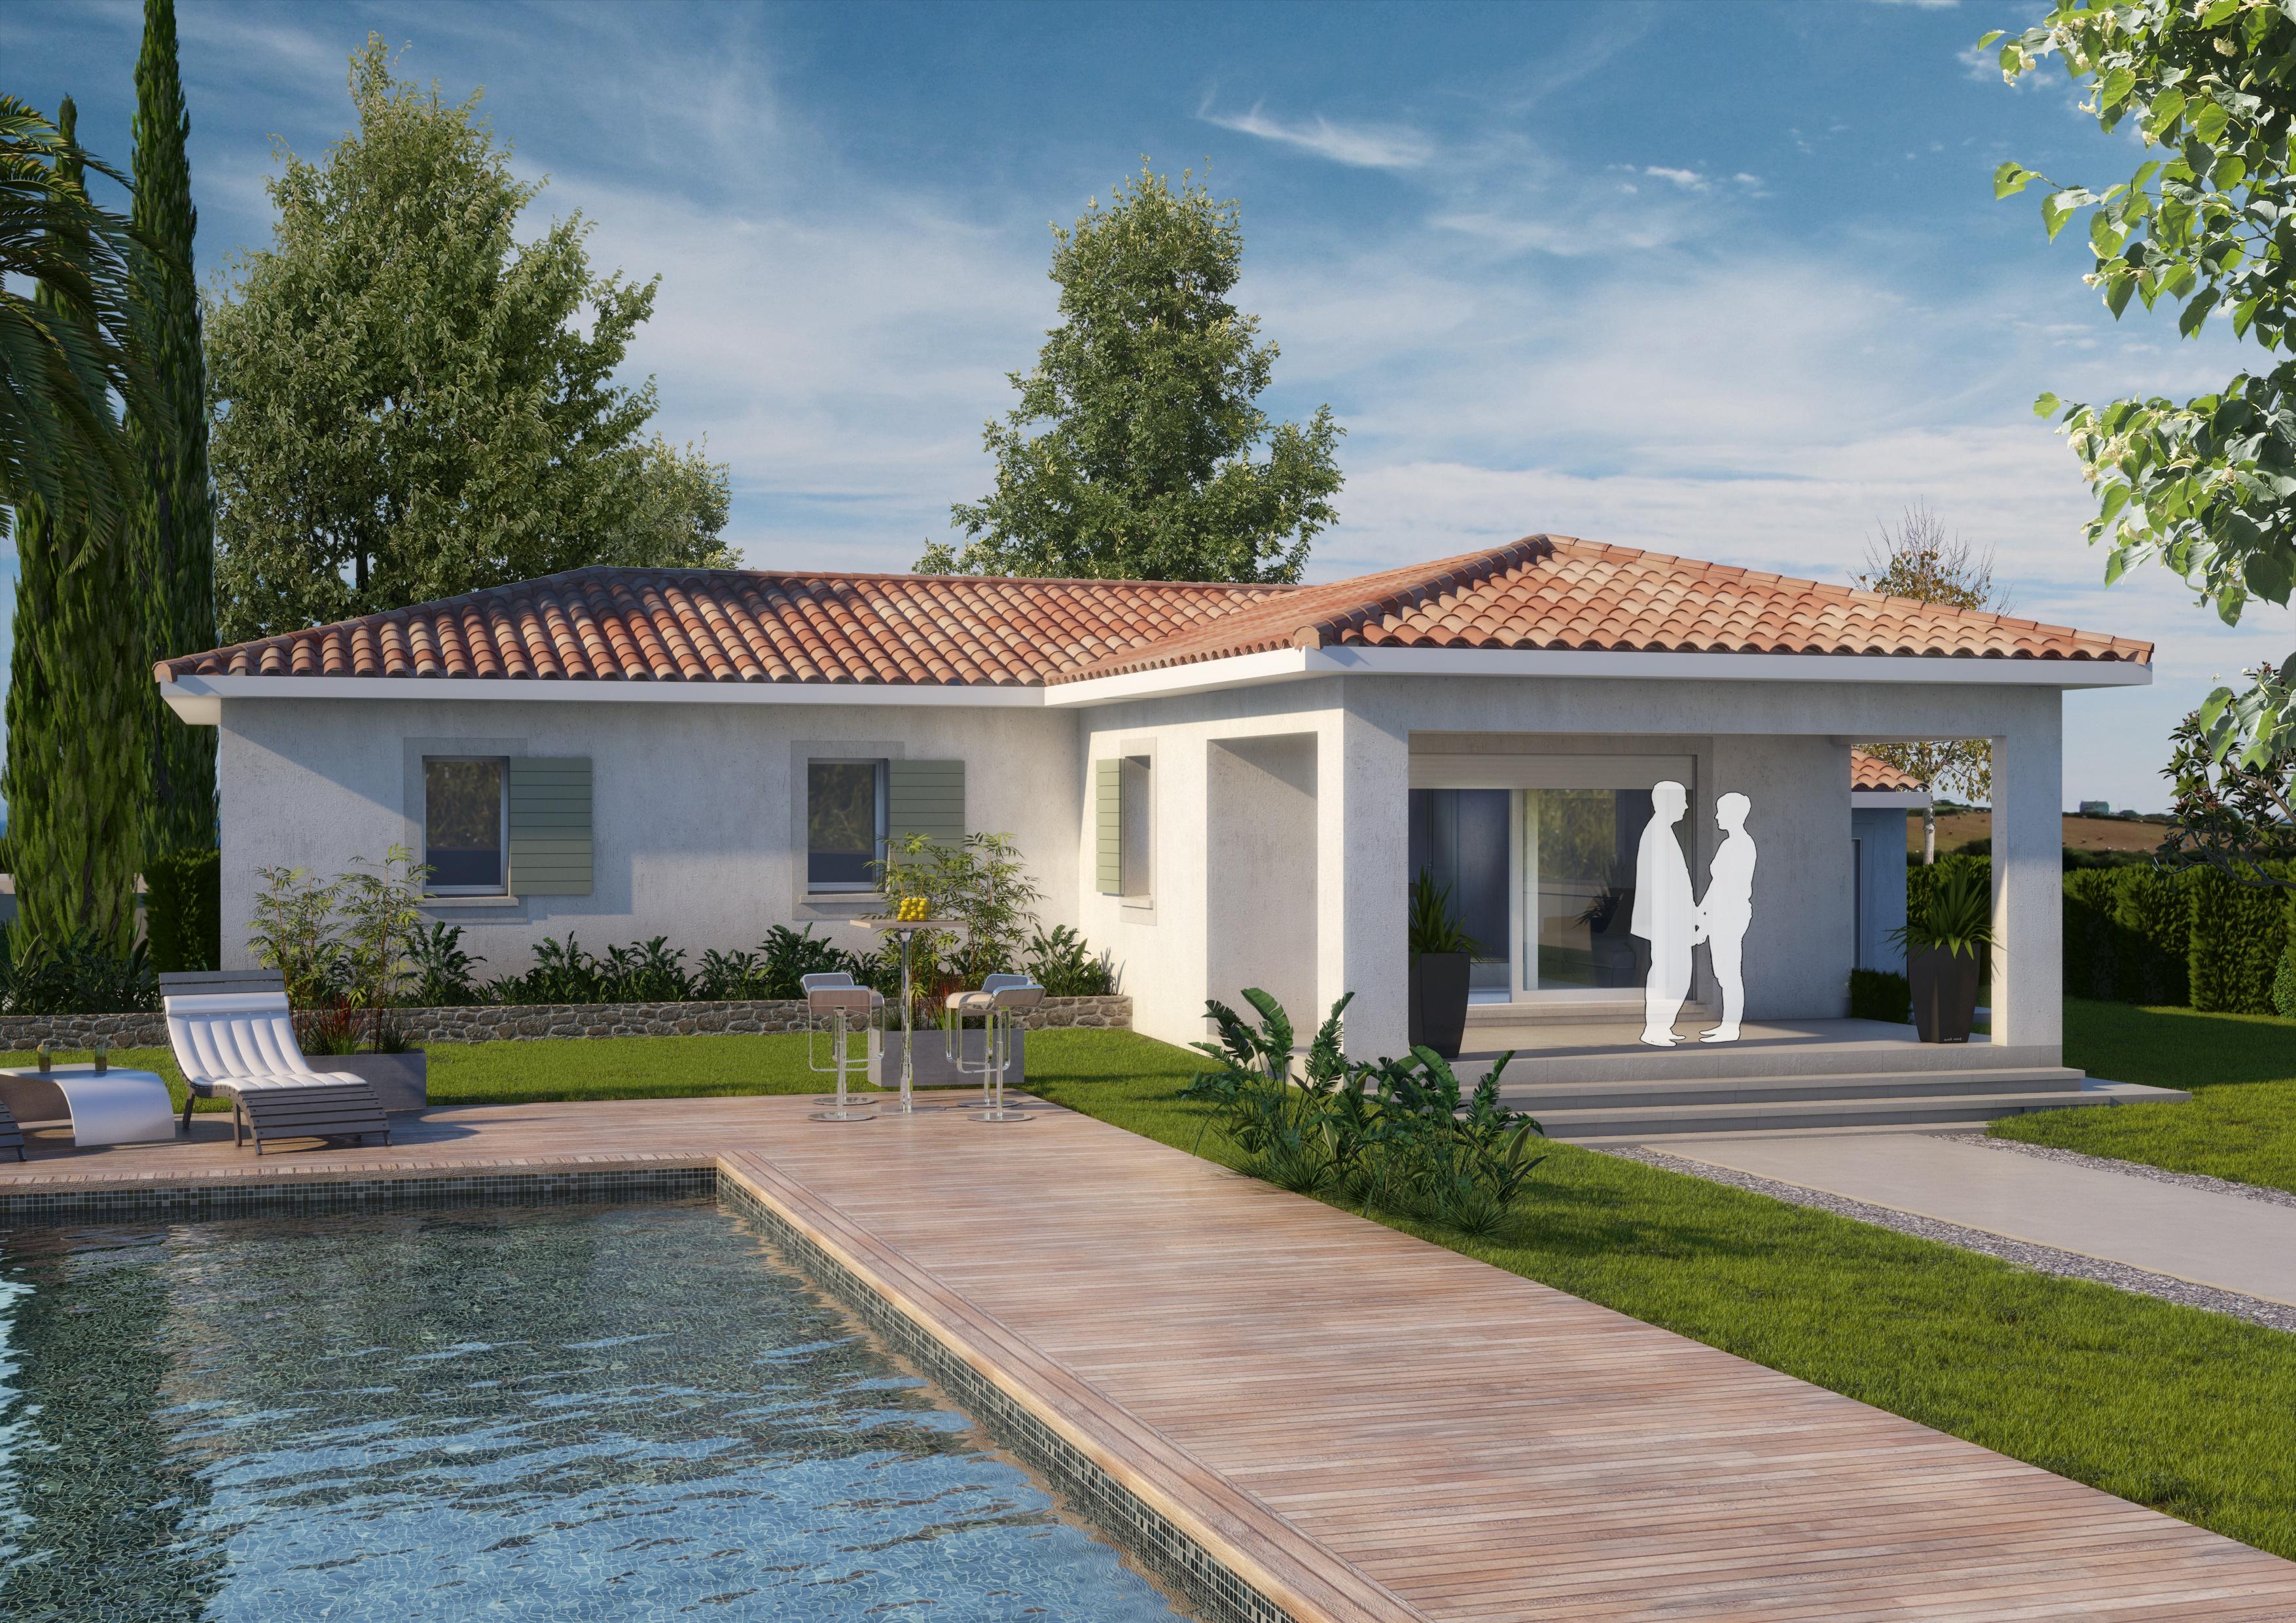 Maisons + Terrains du constructeur ART ET TRADITIONS MEDITERRANEE • 100 m² • PUJAUT